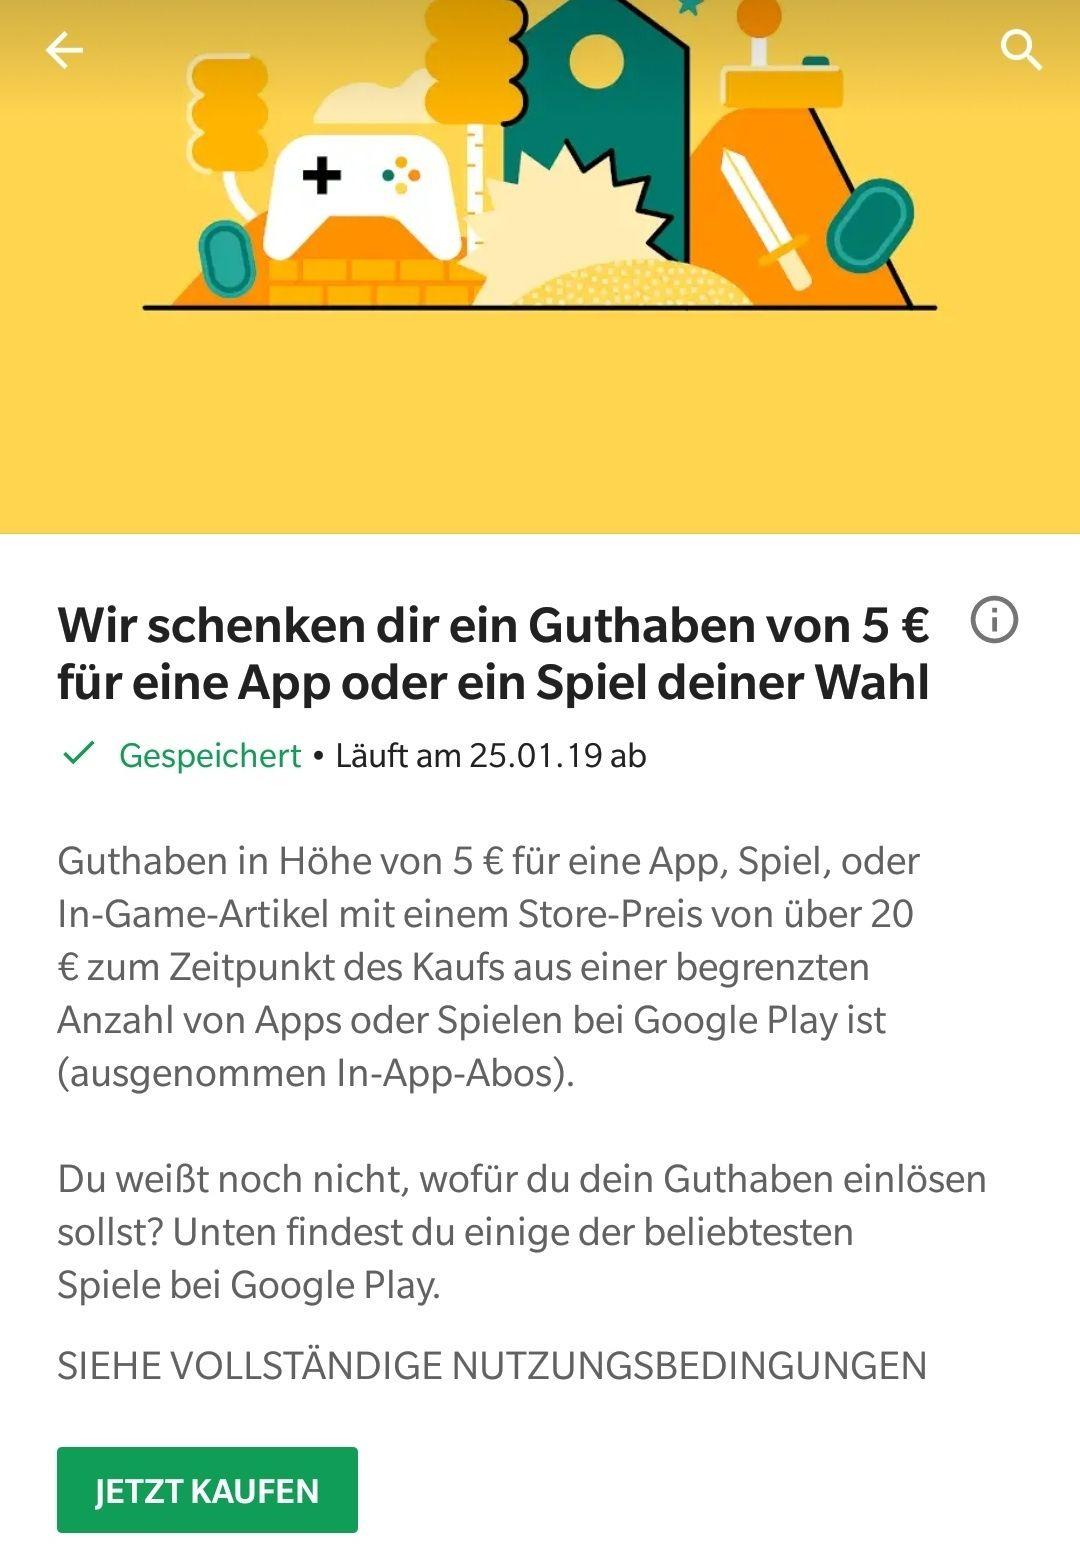 Google Play verschenkt 5-10€  Guthaben